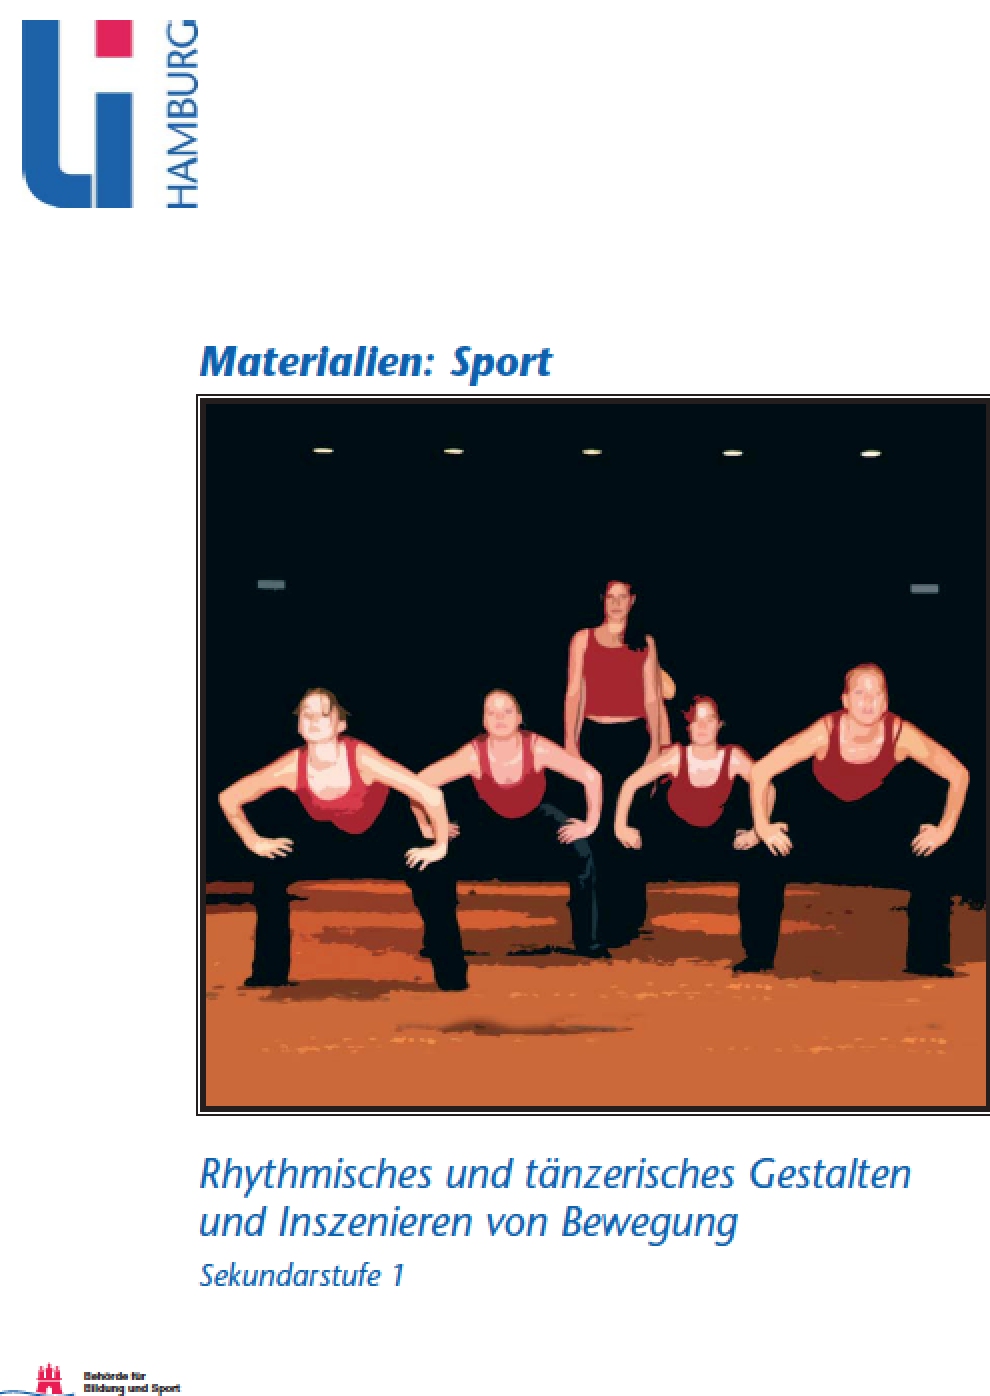 Preview image for LOM object Rhythmisches und tänzerisches Gestalten und Inszenieren von Bewegung